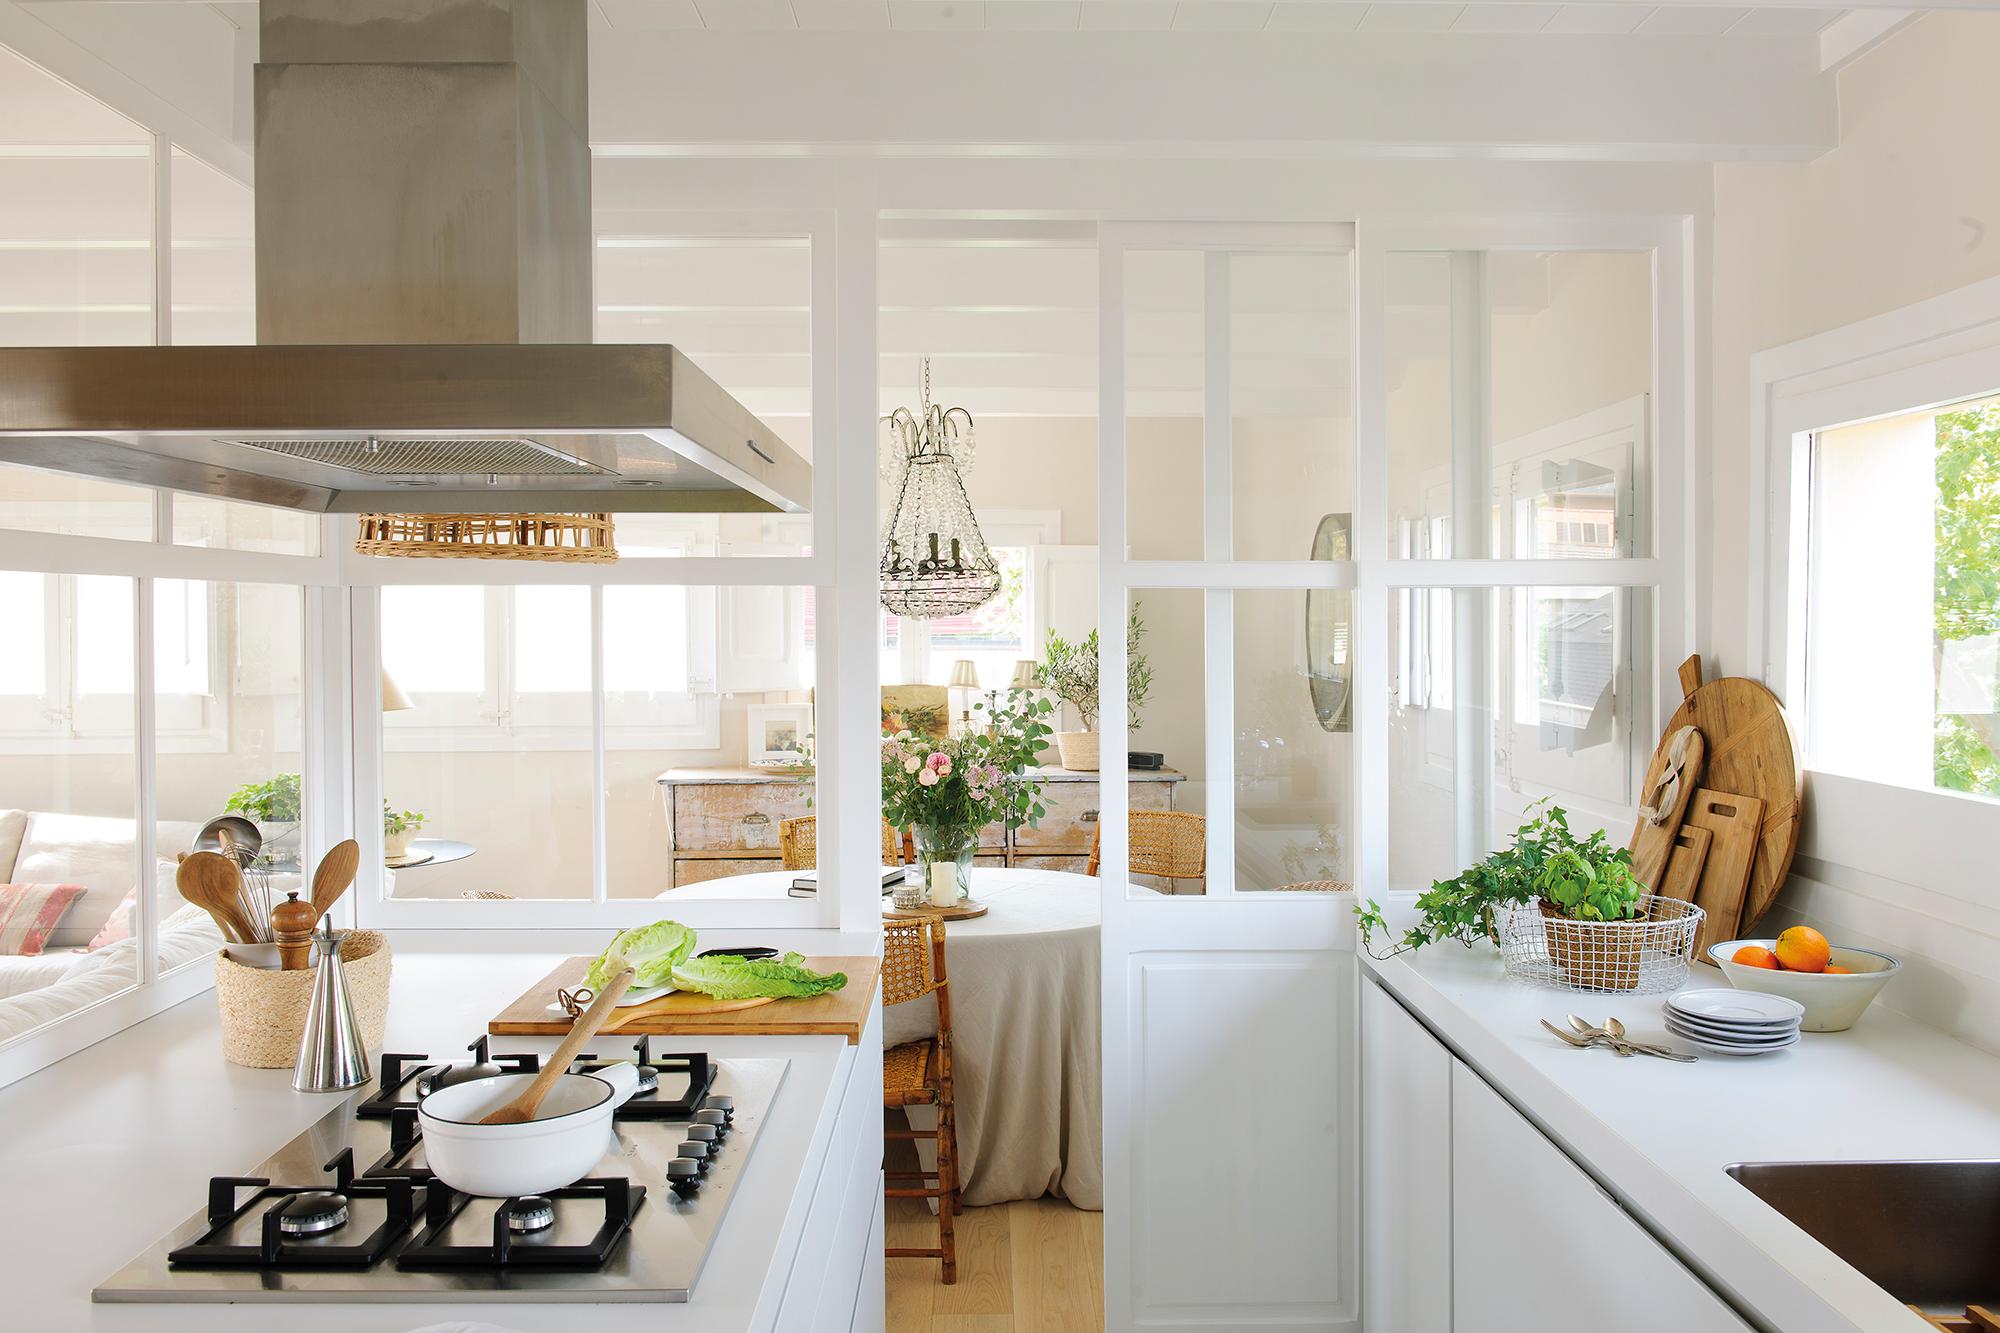 Genial campanas extractoras de cocina silenciosas fotos for Extractores de cocinas